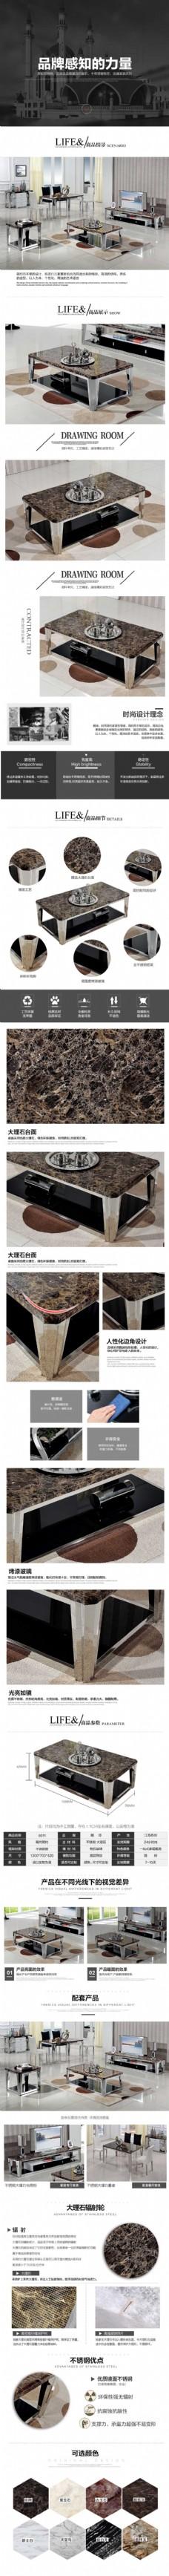 简约时尚现代简约时尚家具详情页